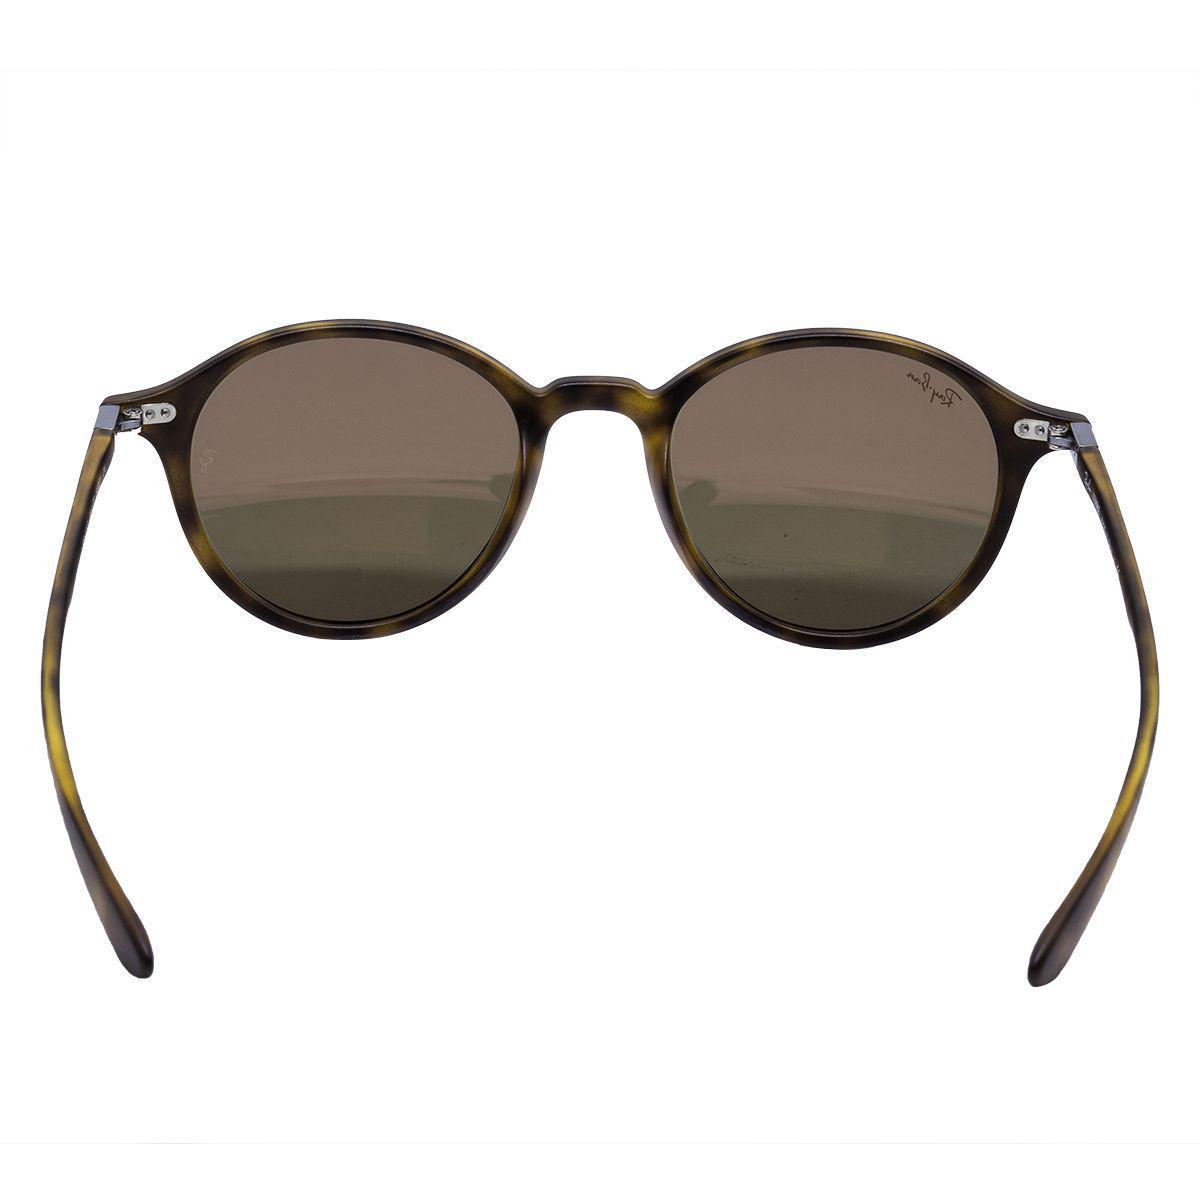 Óculos de Sol Ray Ban Havana Mate - Acetato Tartaruga, Lente Espelhada Rosé  R  694,00 à vista. Adicionar à sacola 0b9ac548a2